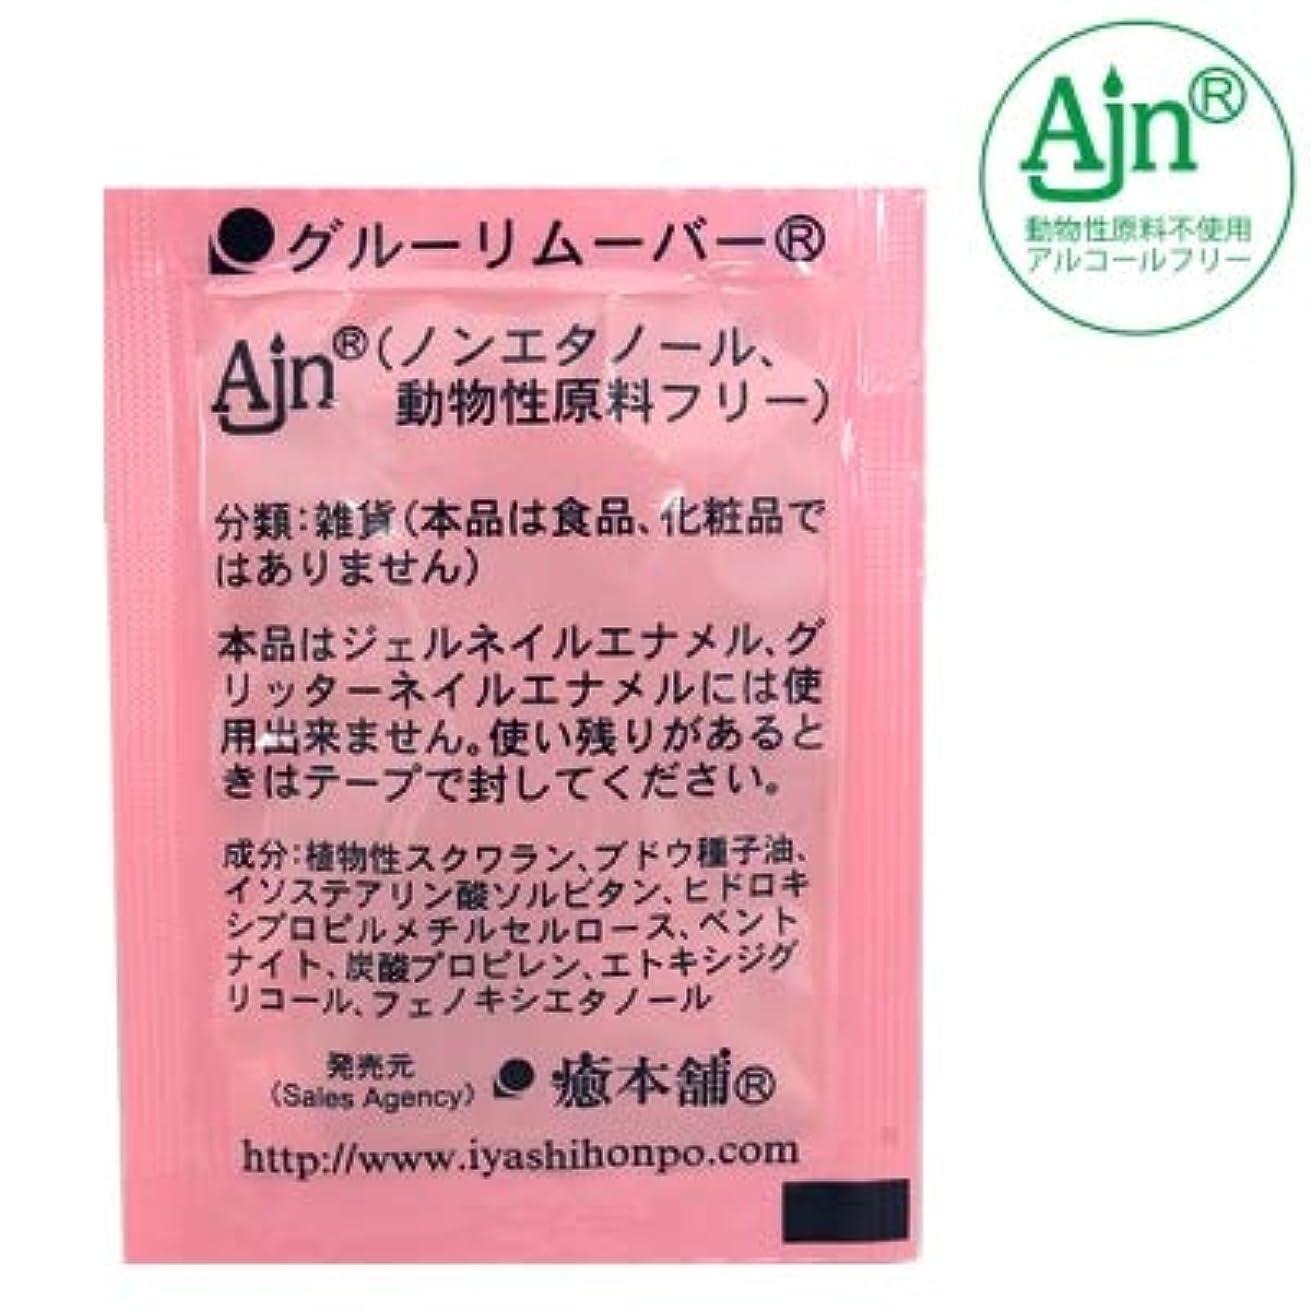 長椅子ハロウィン事まつげエクステ《使いやすいクリームタイプ?》GLUE REMOVER グルーリムーバー 袋入(5g)